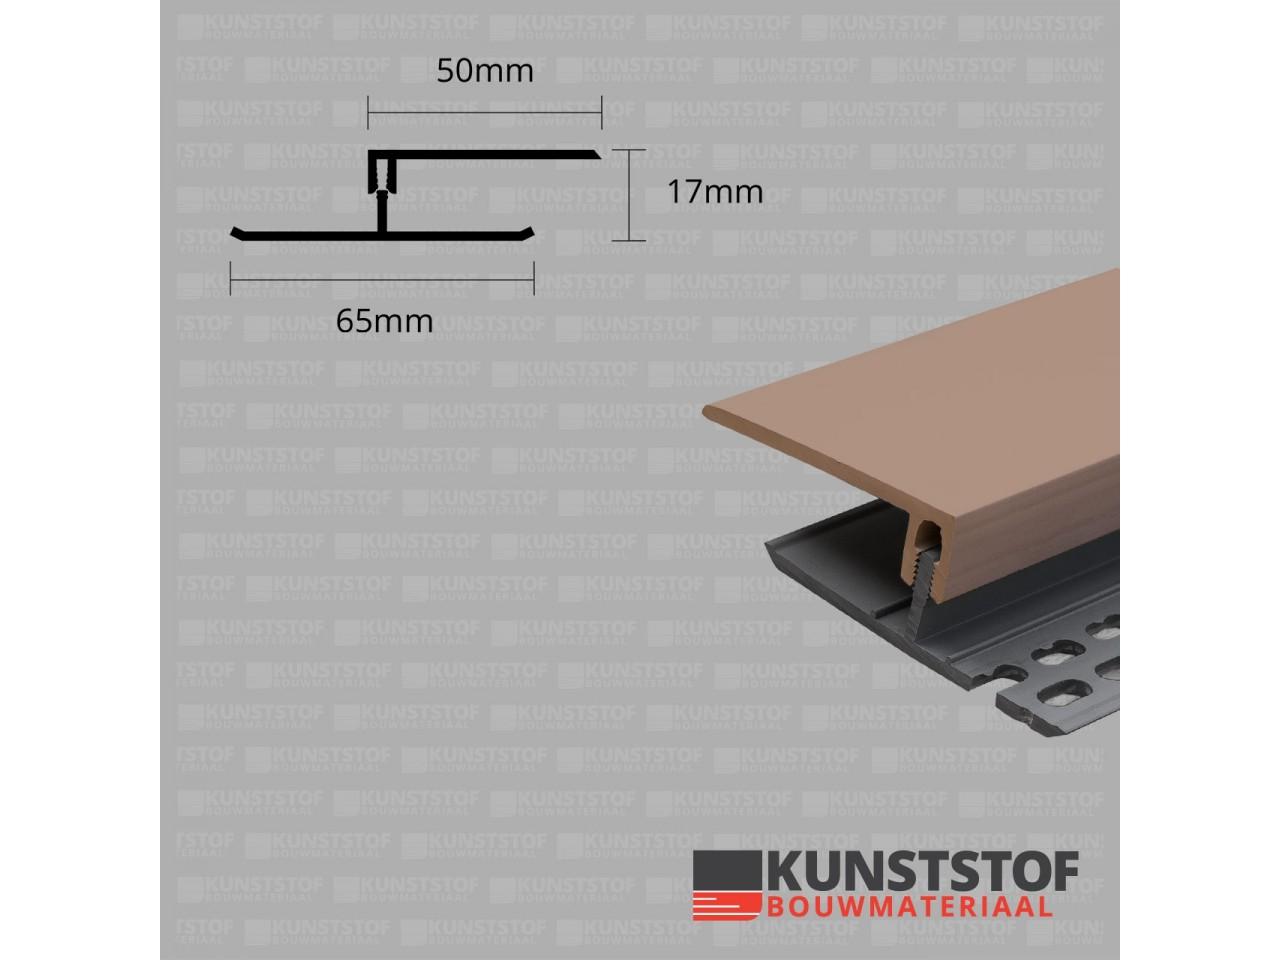 Eurotexx Dubbel Rabat - potdeksel 17mm ventilatie afsluitprofiel kunststof in de kleur olijf donker bruin